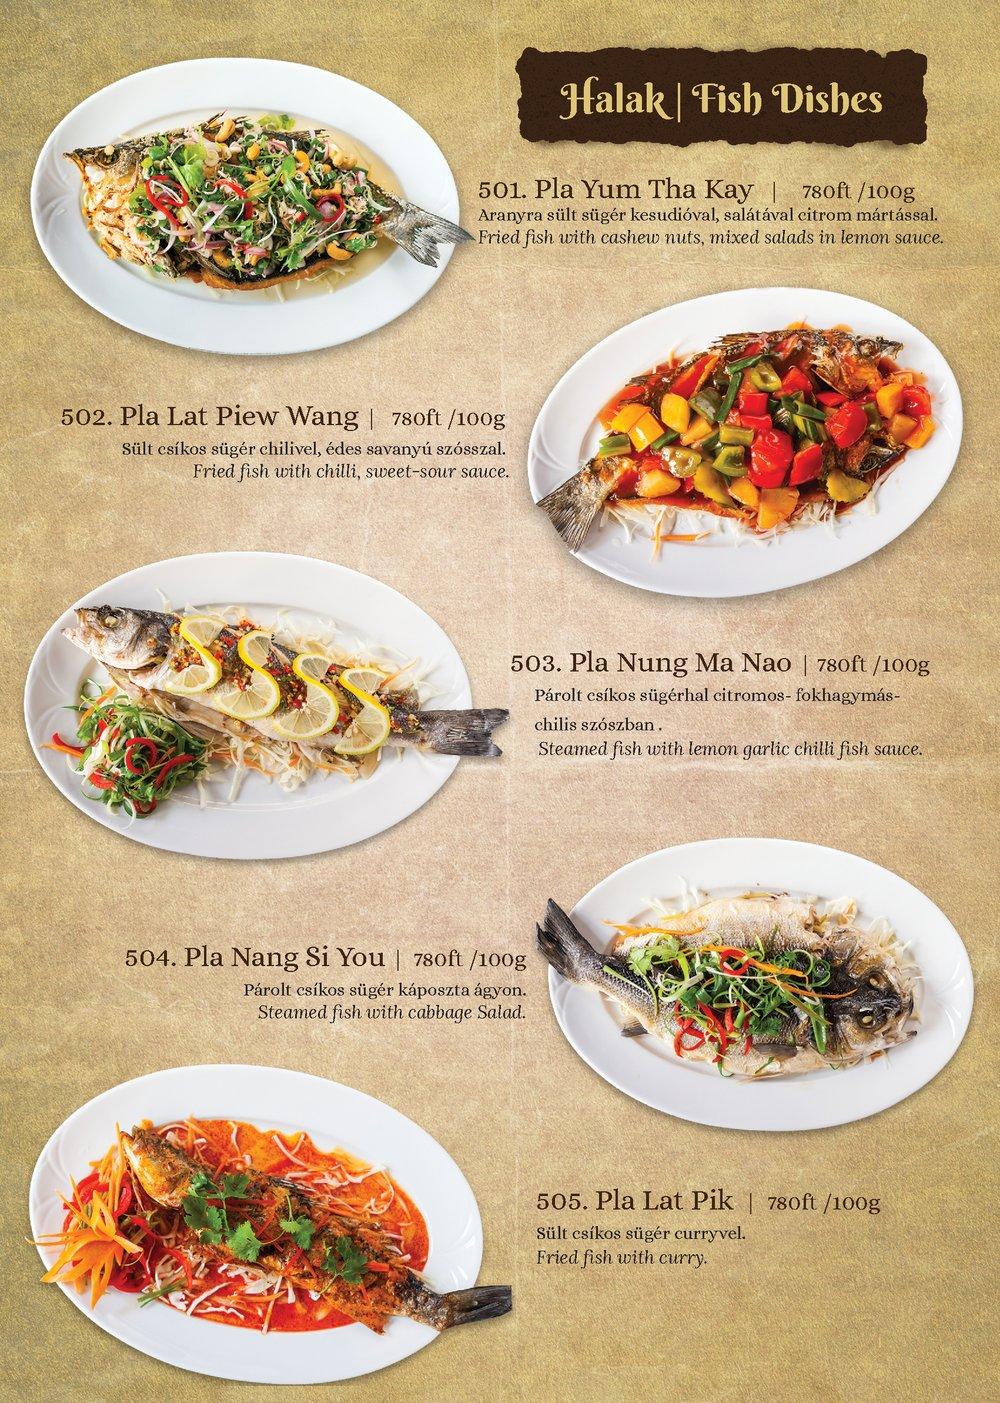 5.Sawasdee_menu_book-fish.0908.1.jpg